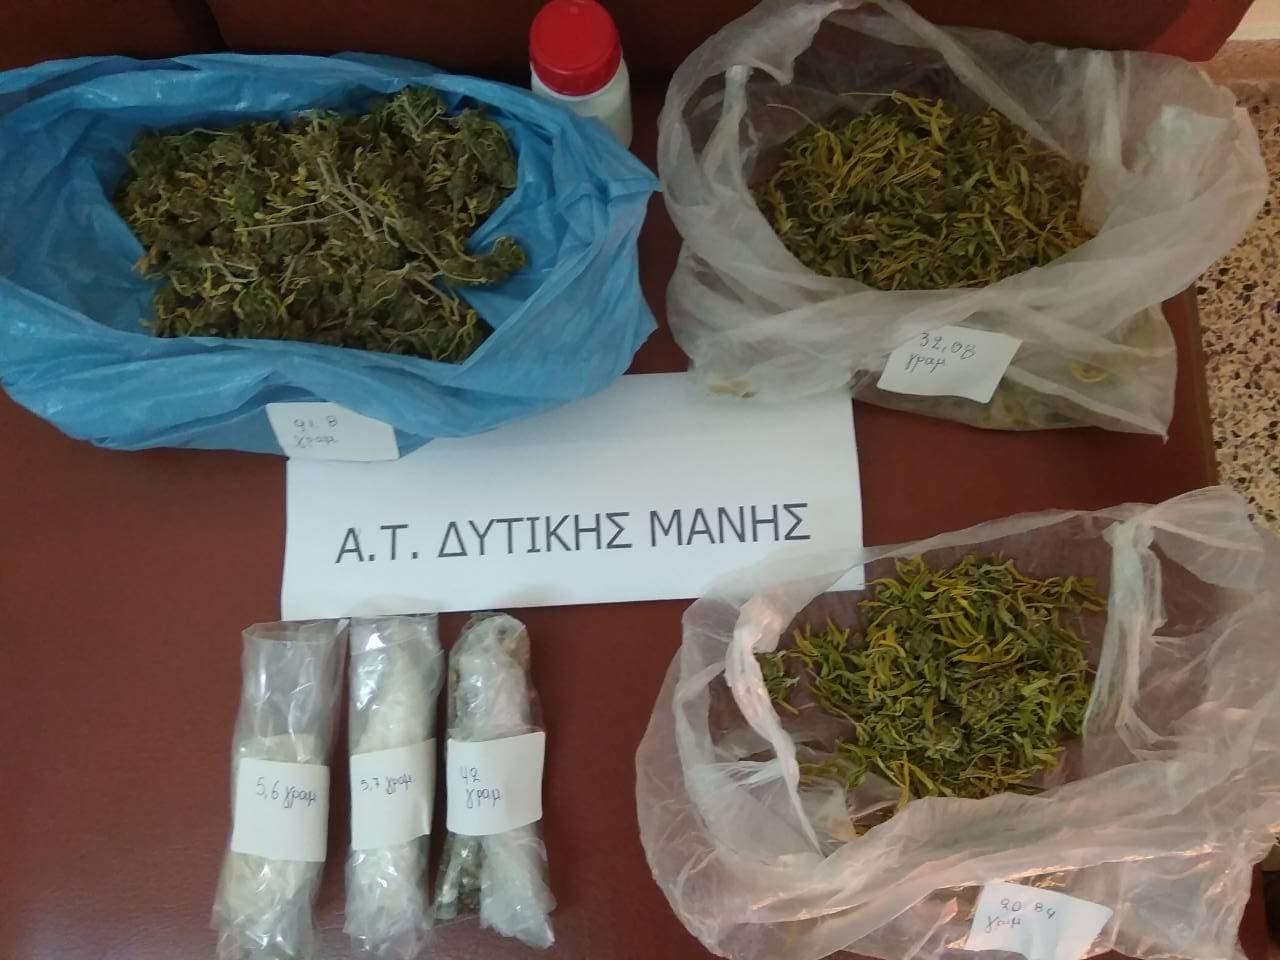 Σύλληψη 52χρονου για ναρκωτικά στη Μεσσηνία